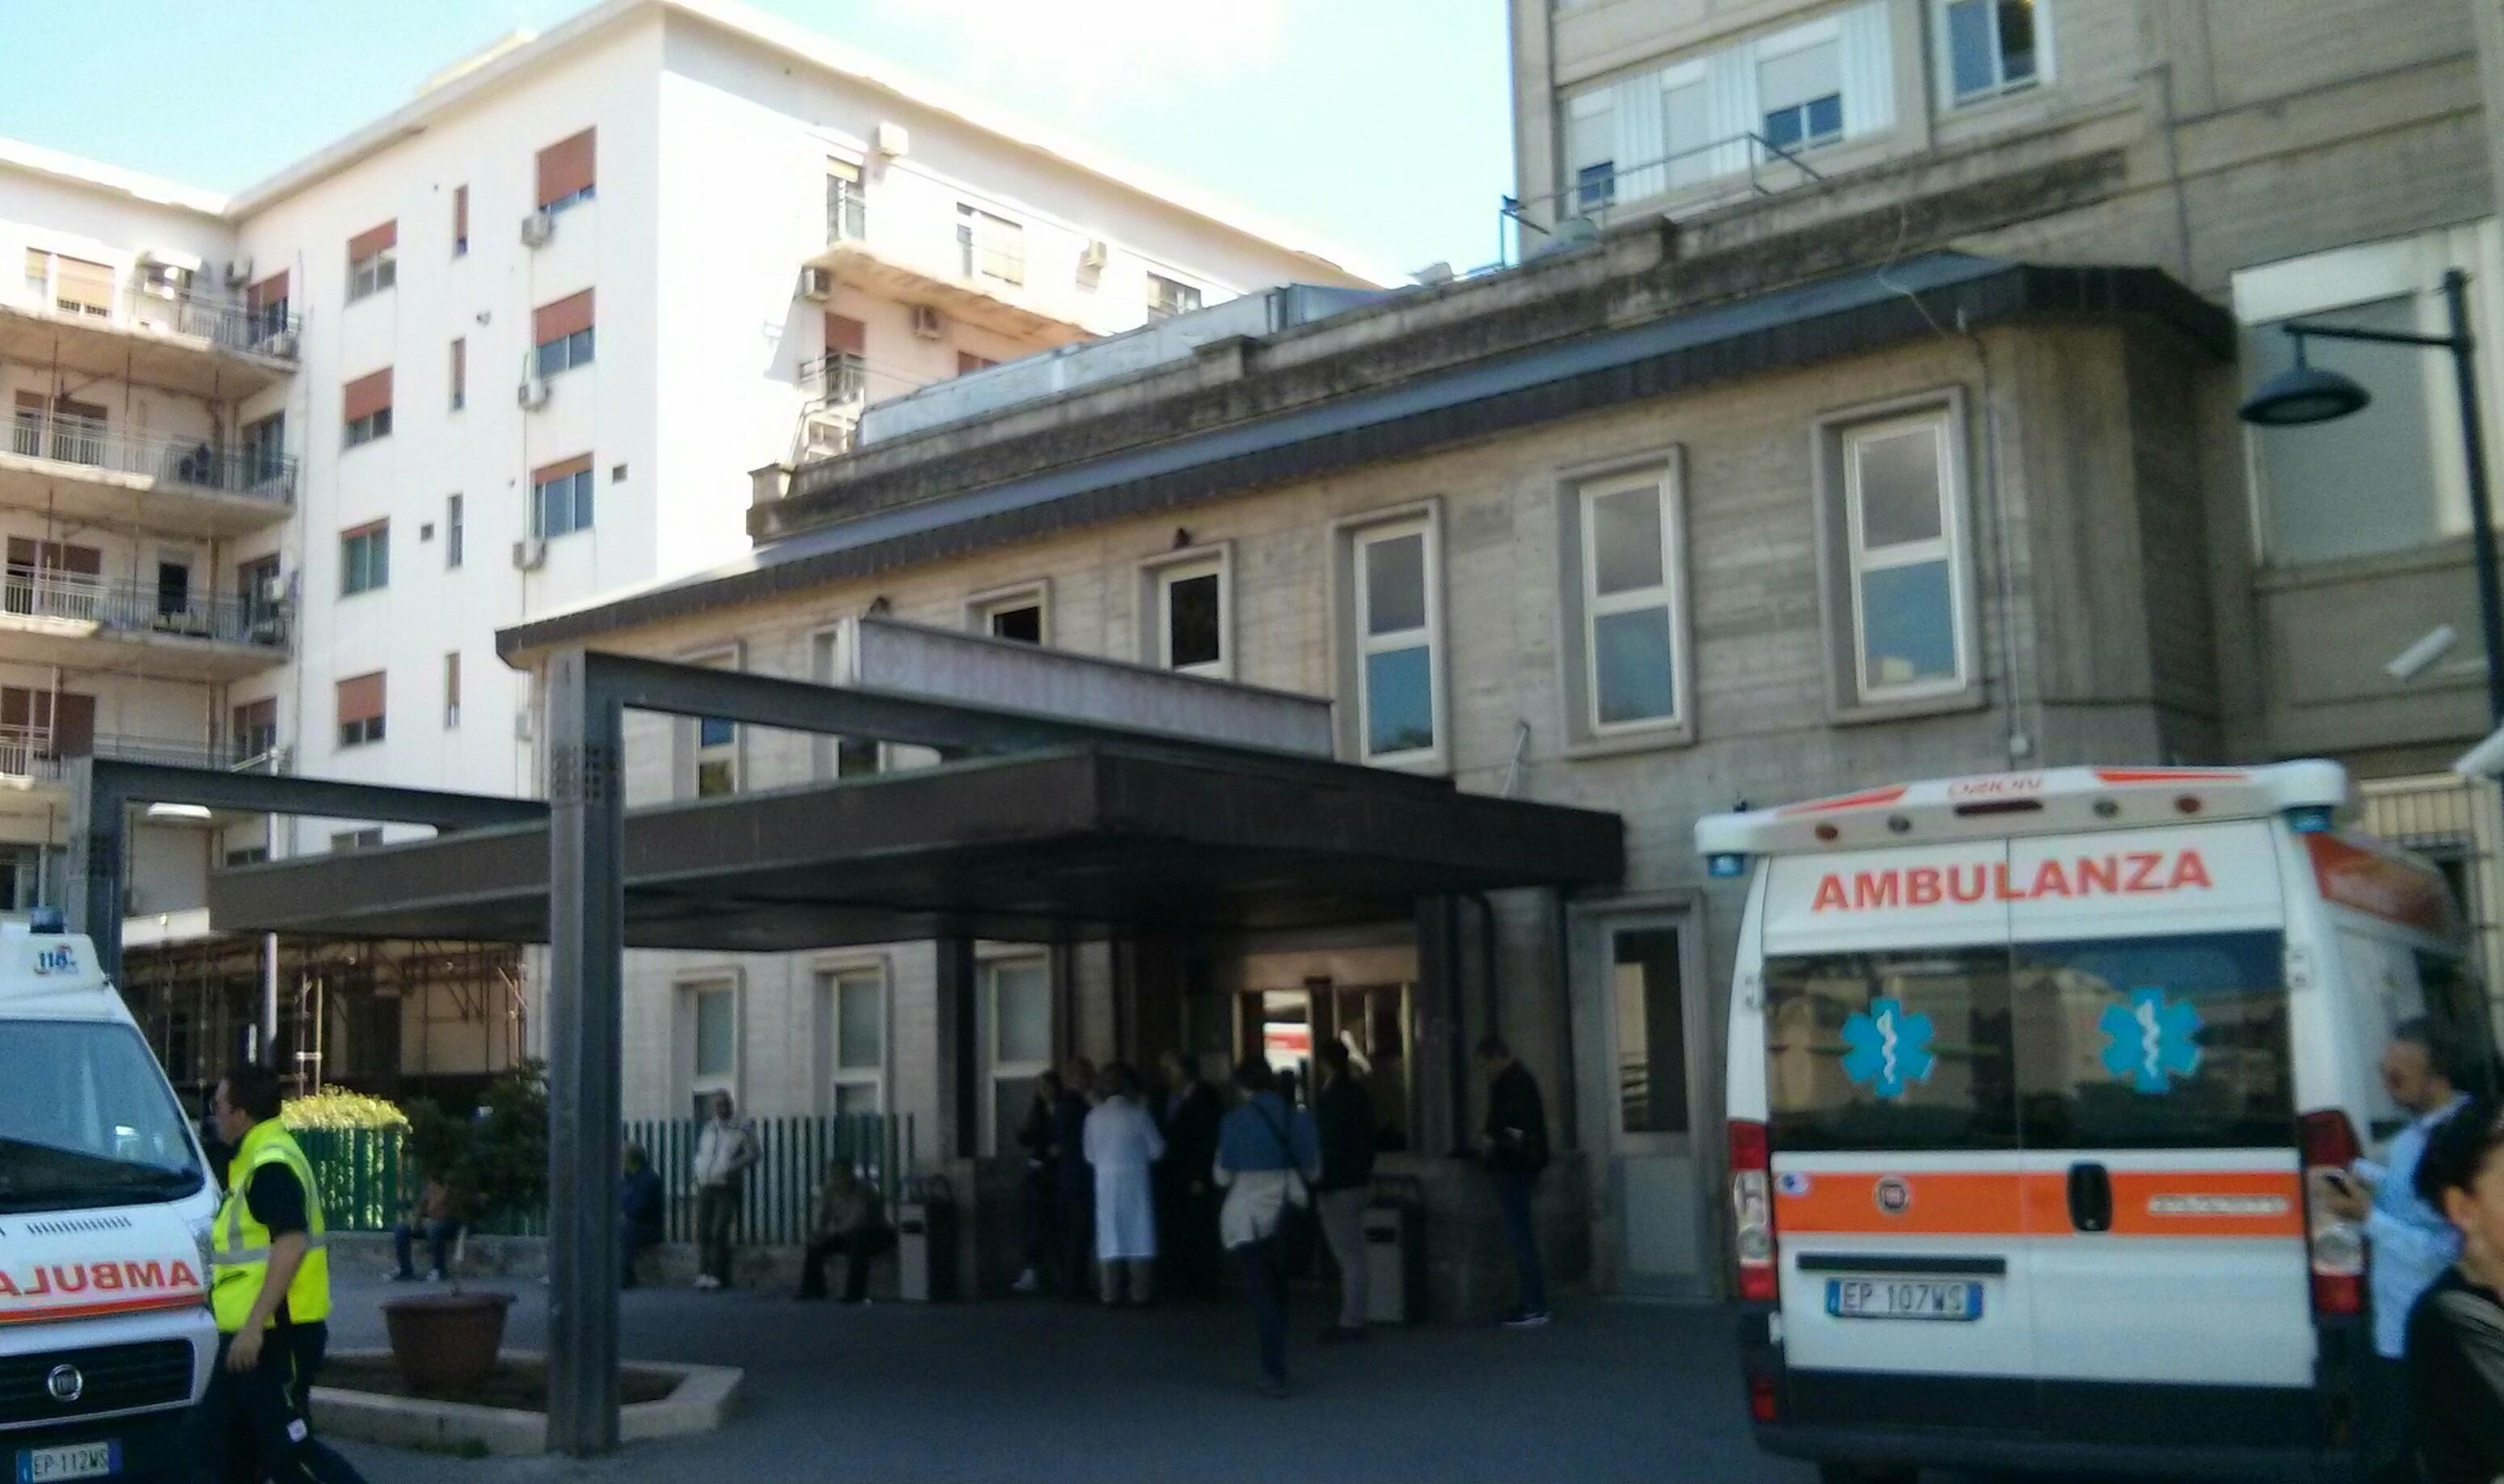 Malasanità:morta dopo essere stata dimessa dal pronto soccorso di Villa Sofia, eseguita l'autopsia